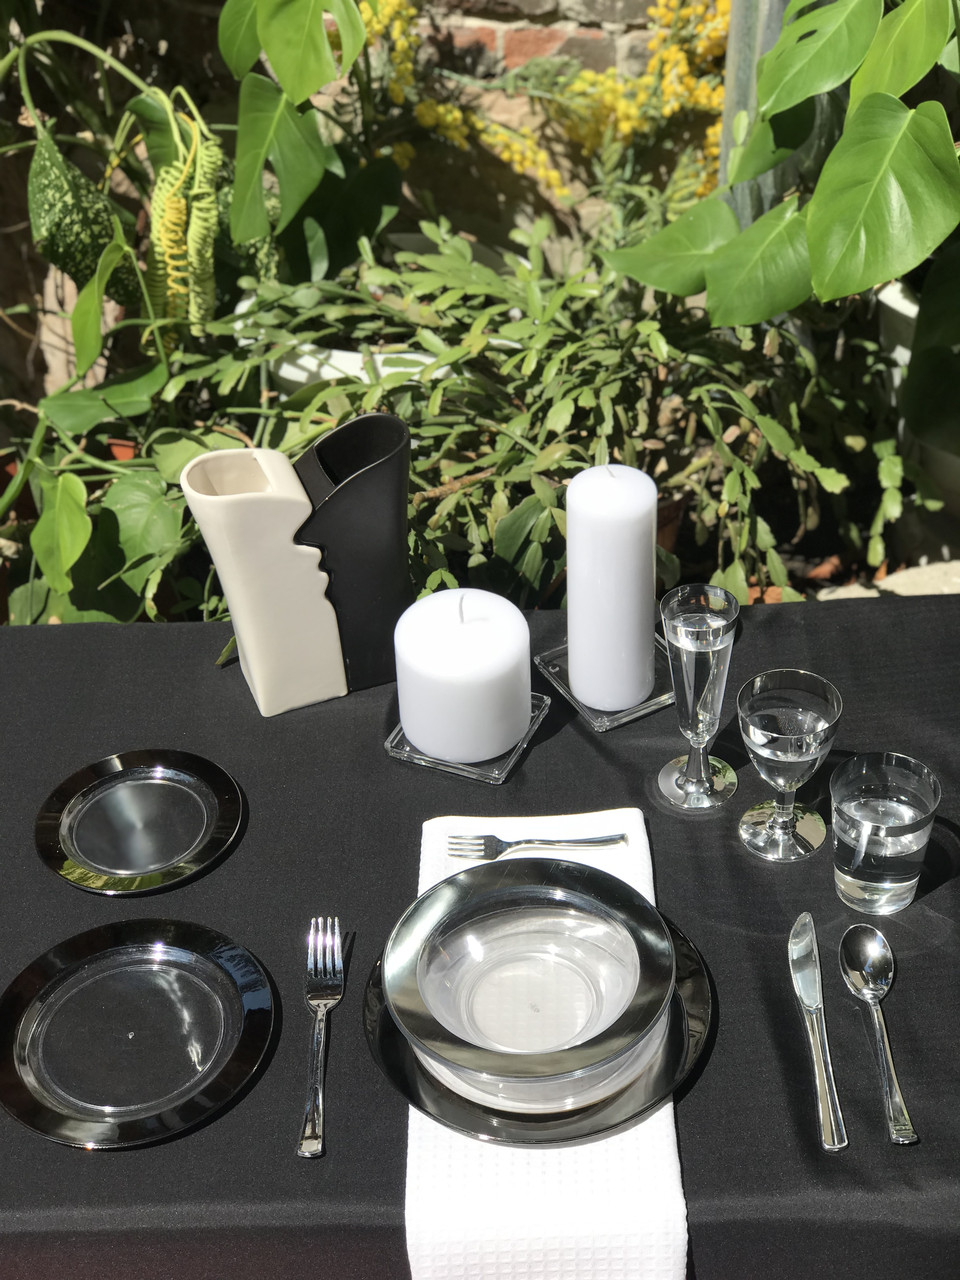 Одноразовая посуда для праздника. Полная сервировка стола 102 шт 6 чел Capital For People